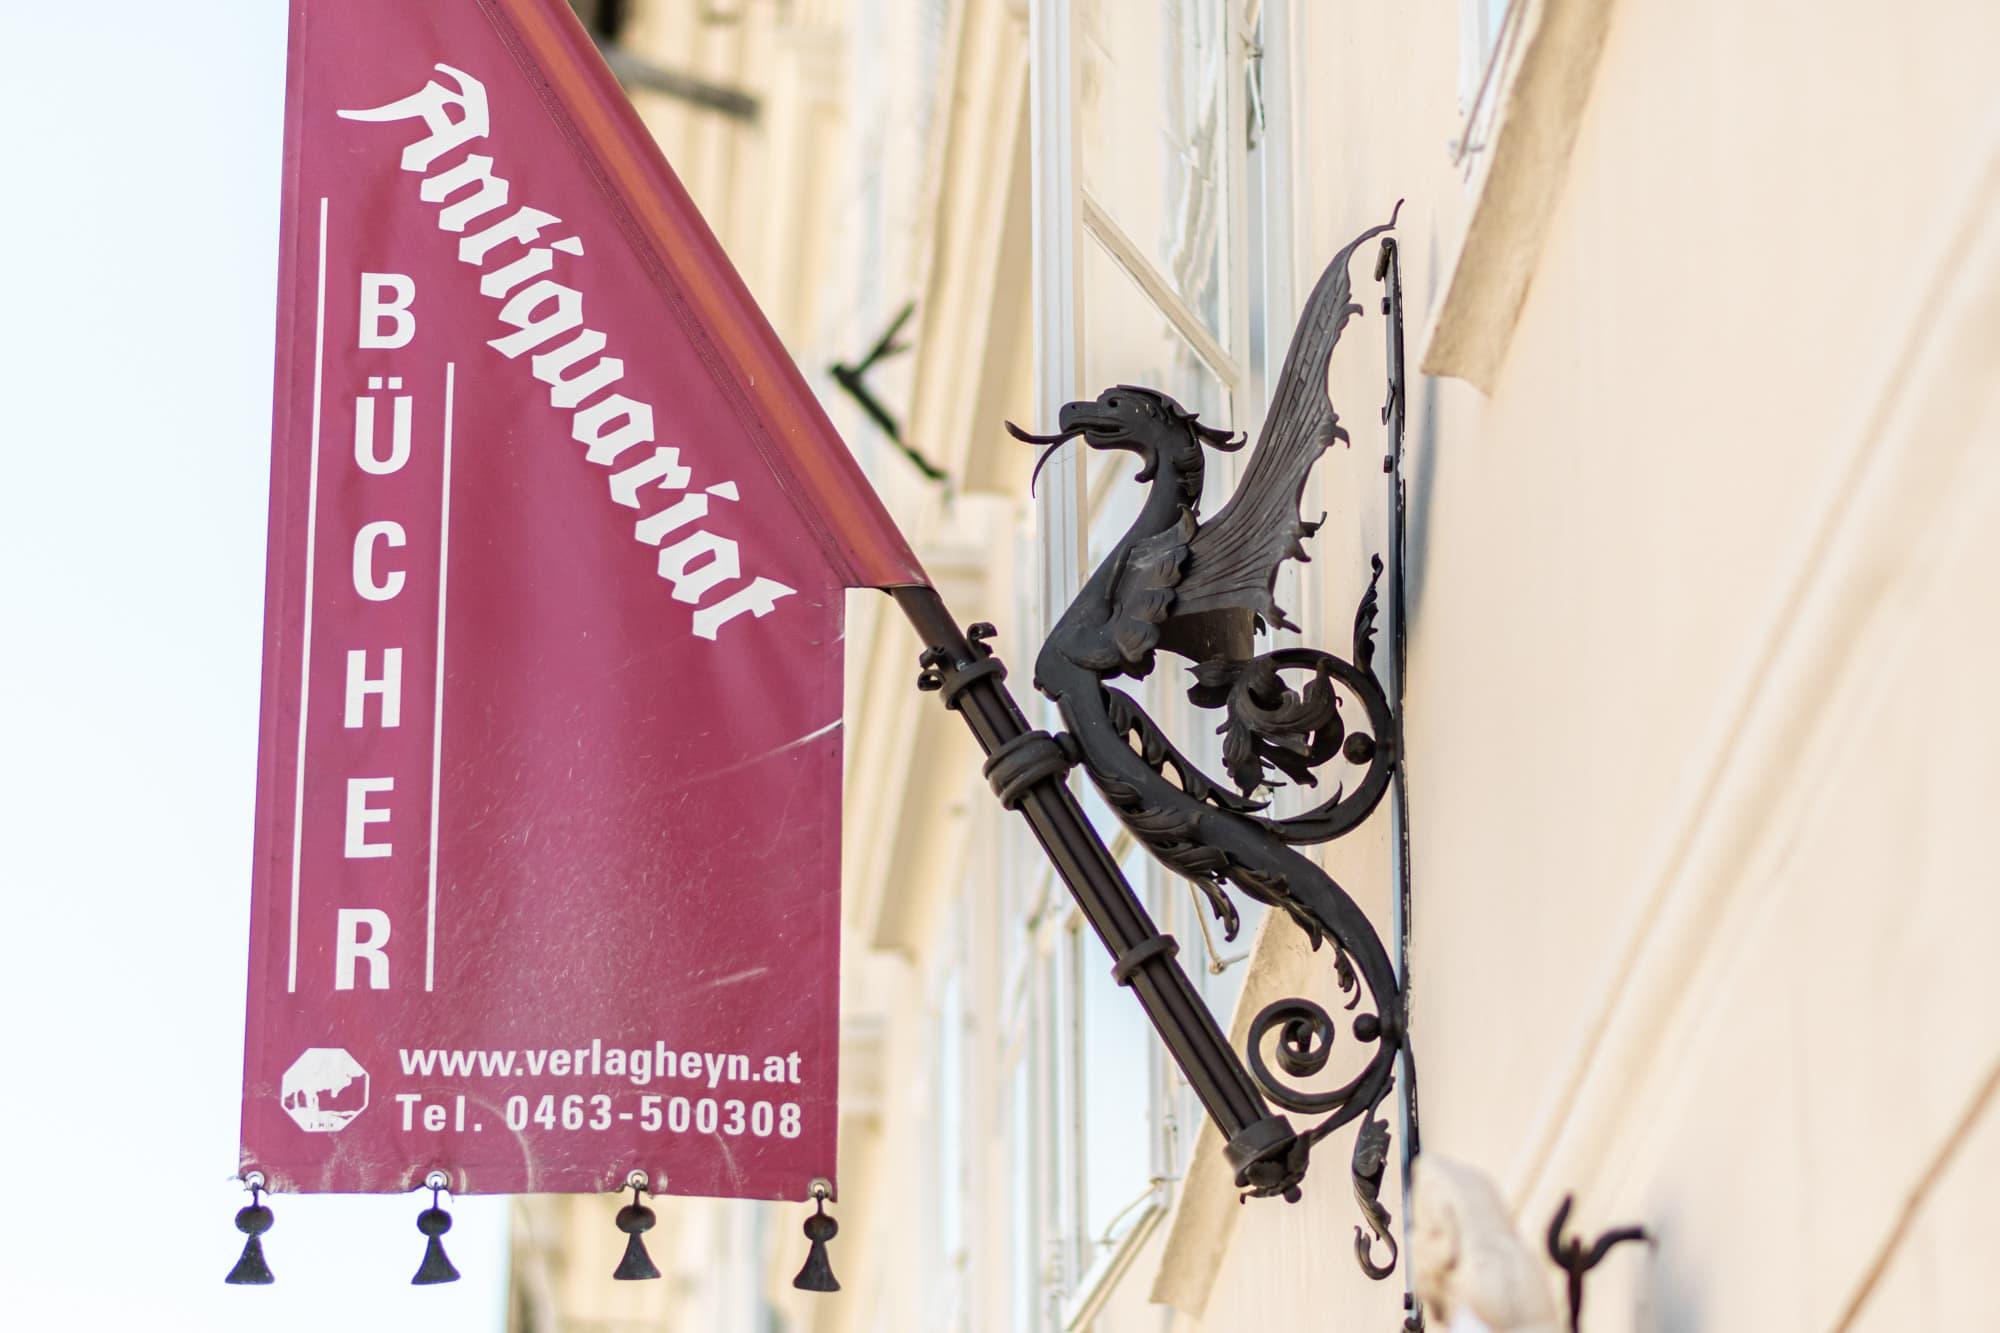 Bärenlaube, Antiquariat, Drache, Tiere in der Stadt, 9020 Klagenfurt am Wörthersee, Sehenswürdigkeiten